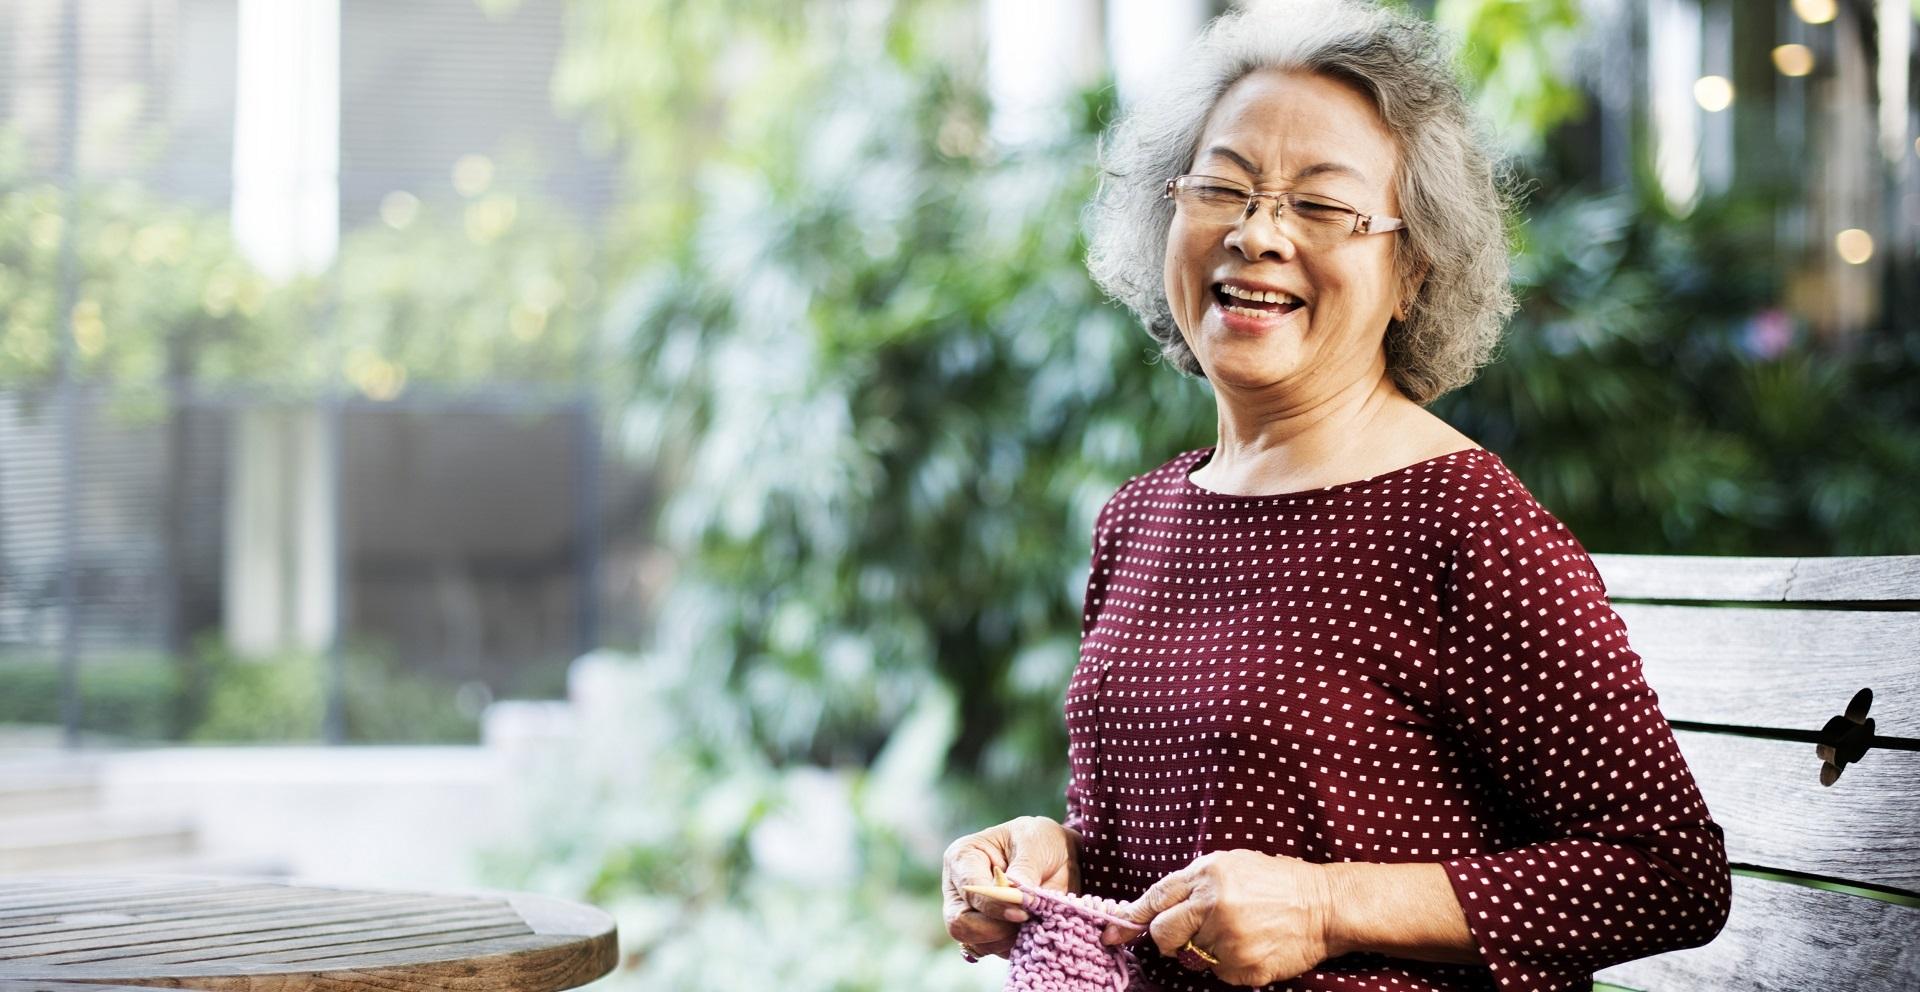 百歲阿嬤醫師的心靈雞湯:上年紀也可以培養全新的興趣!